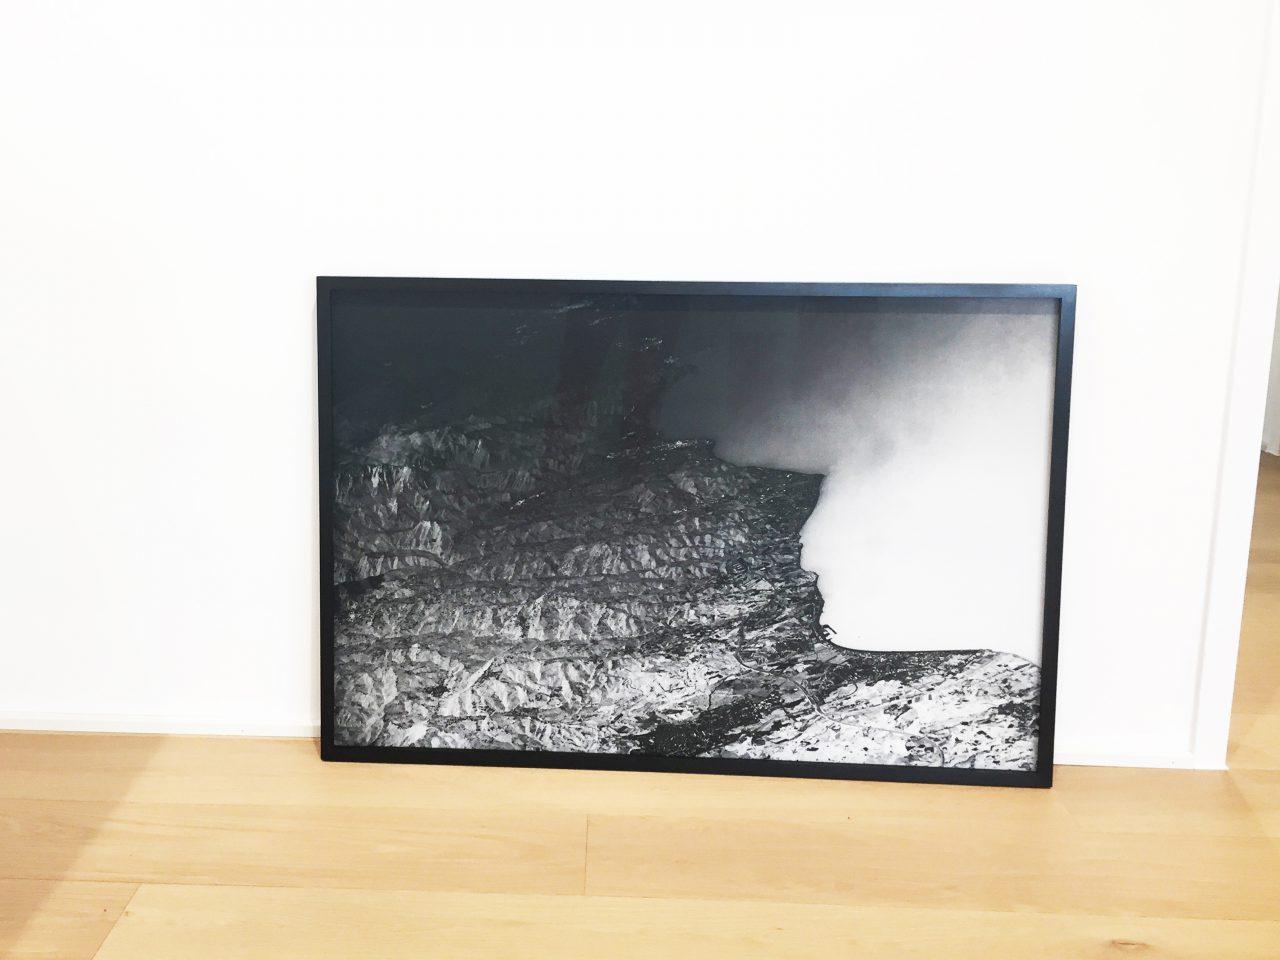 OCKHAM'S RAZOR 1/6. Galerie Jahn: private collection